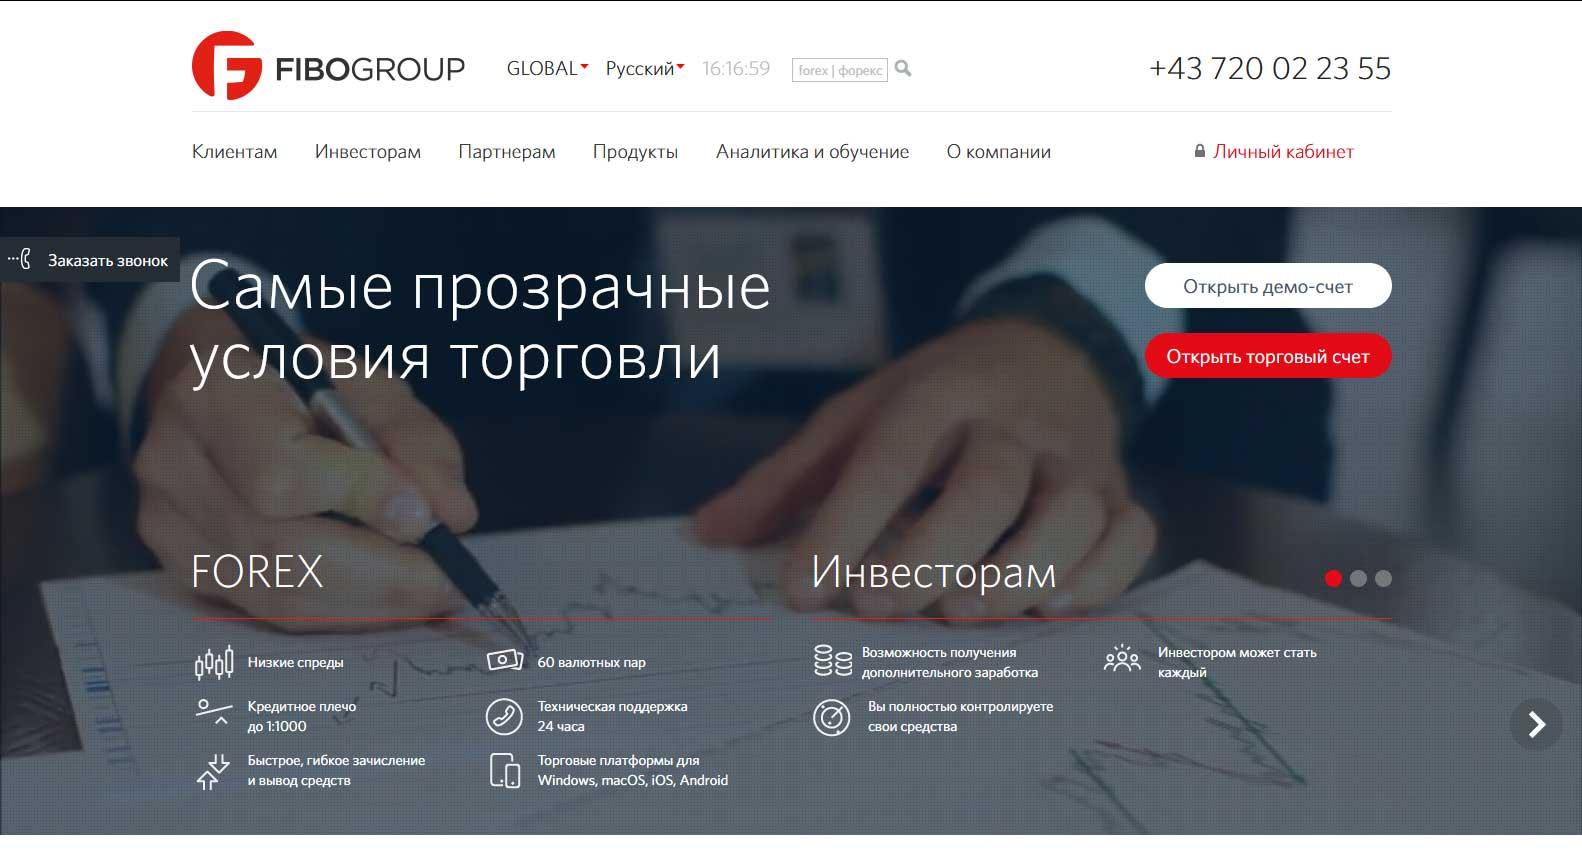 фибо групп официальный сайт